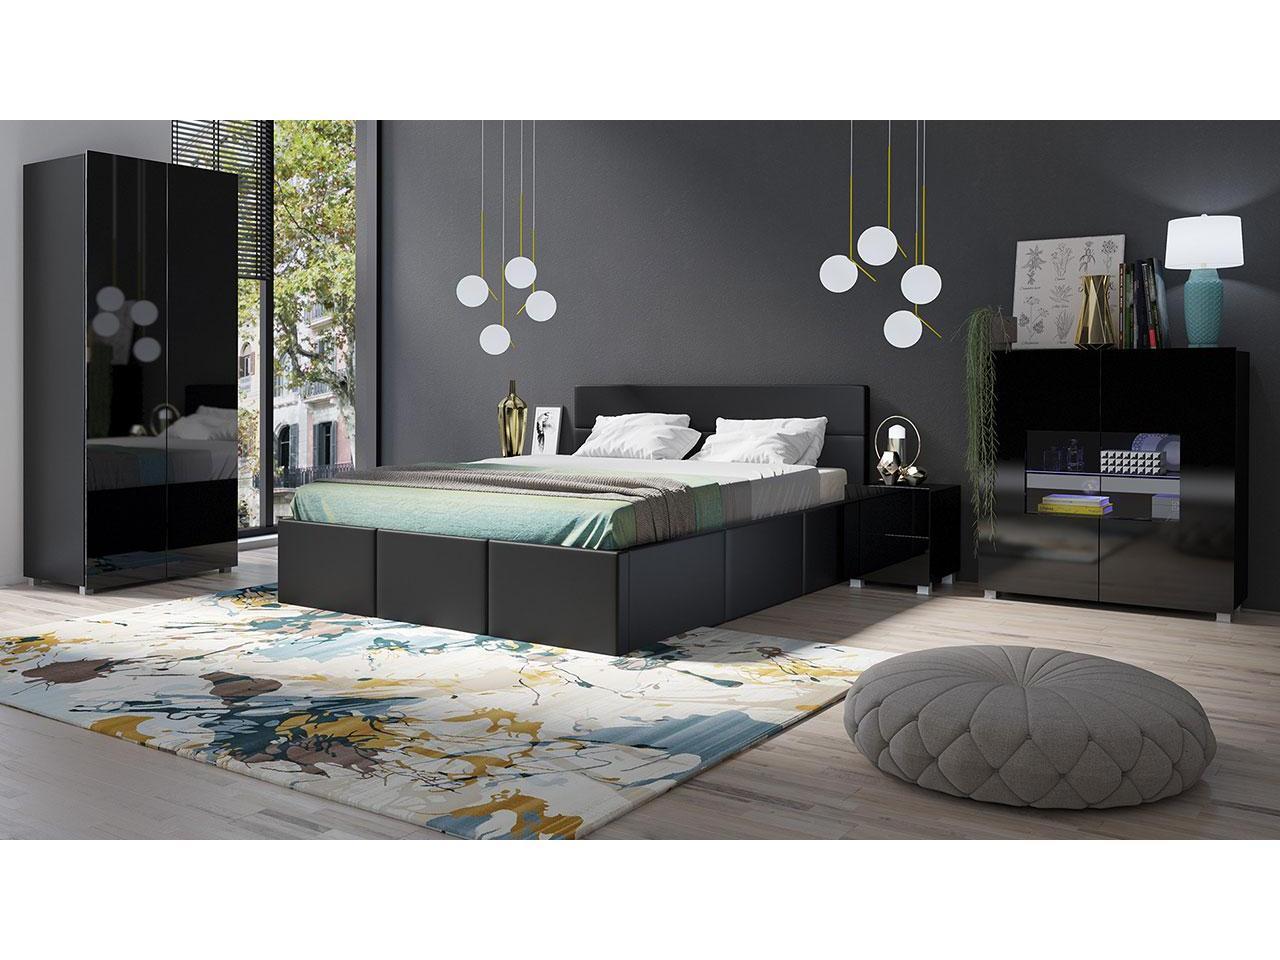 Furnipol -спальни по доступным ценам - 4